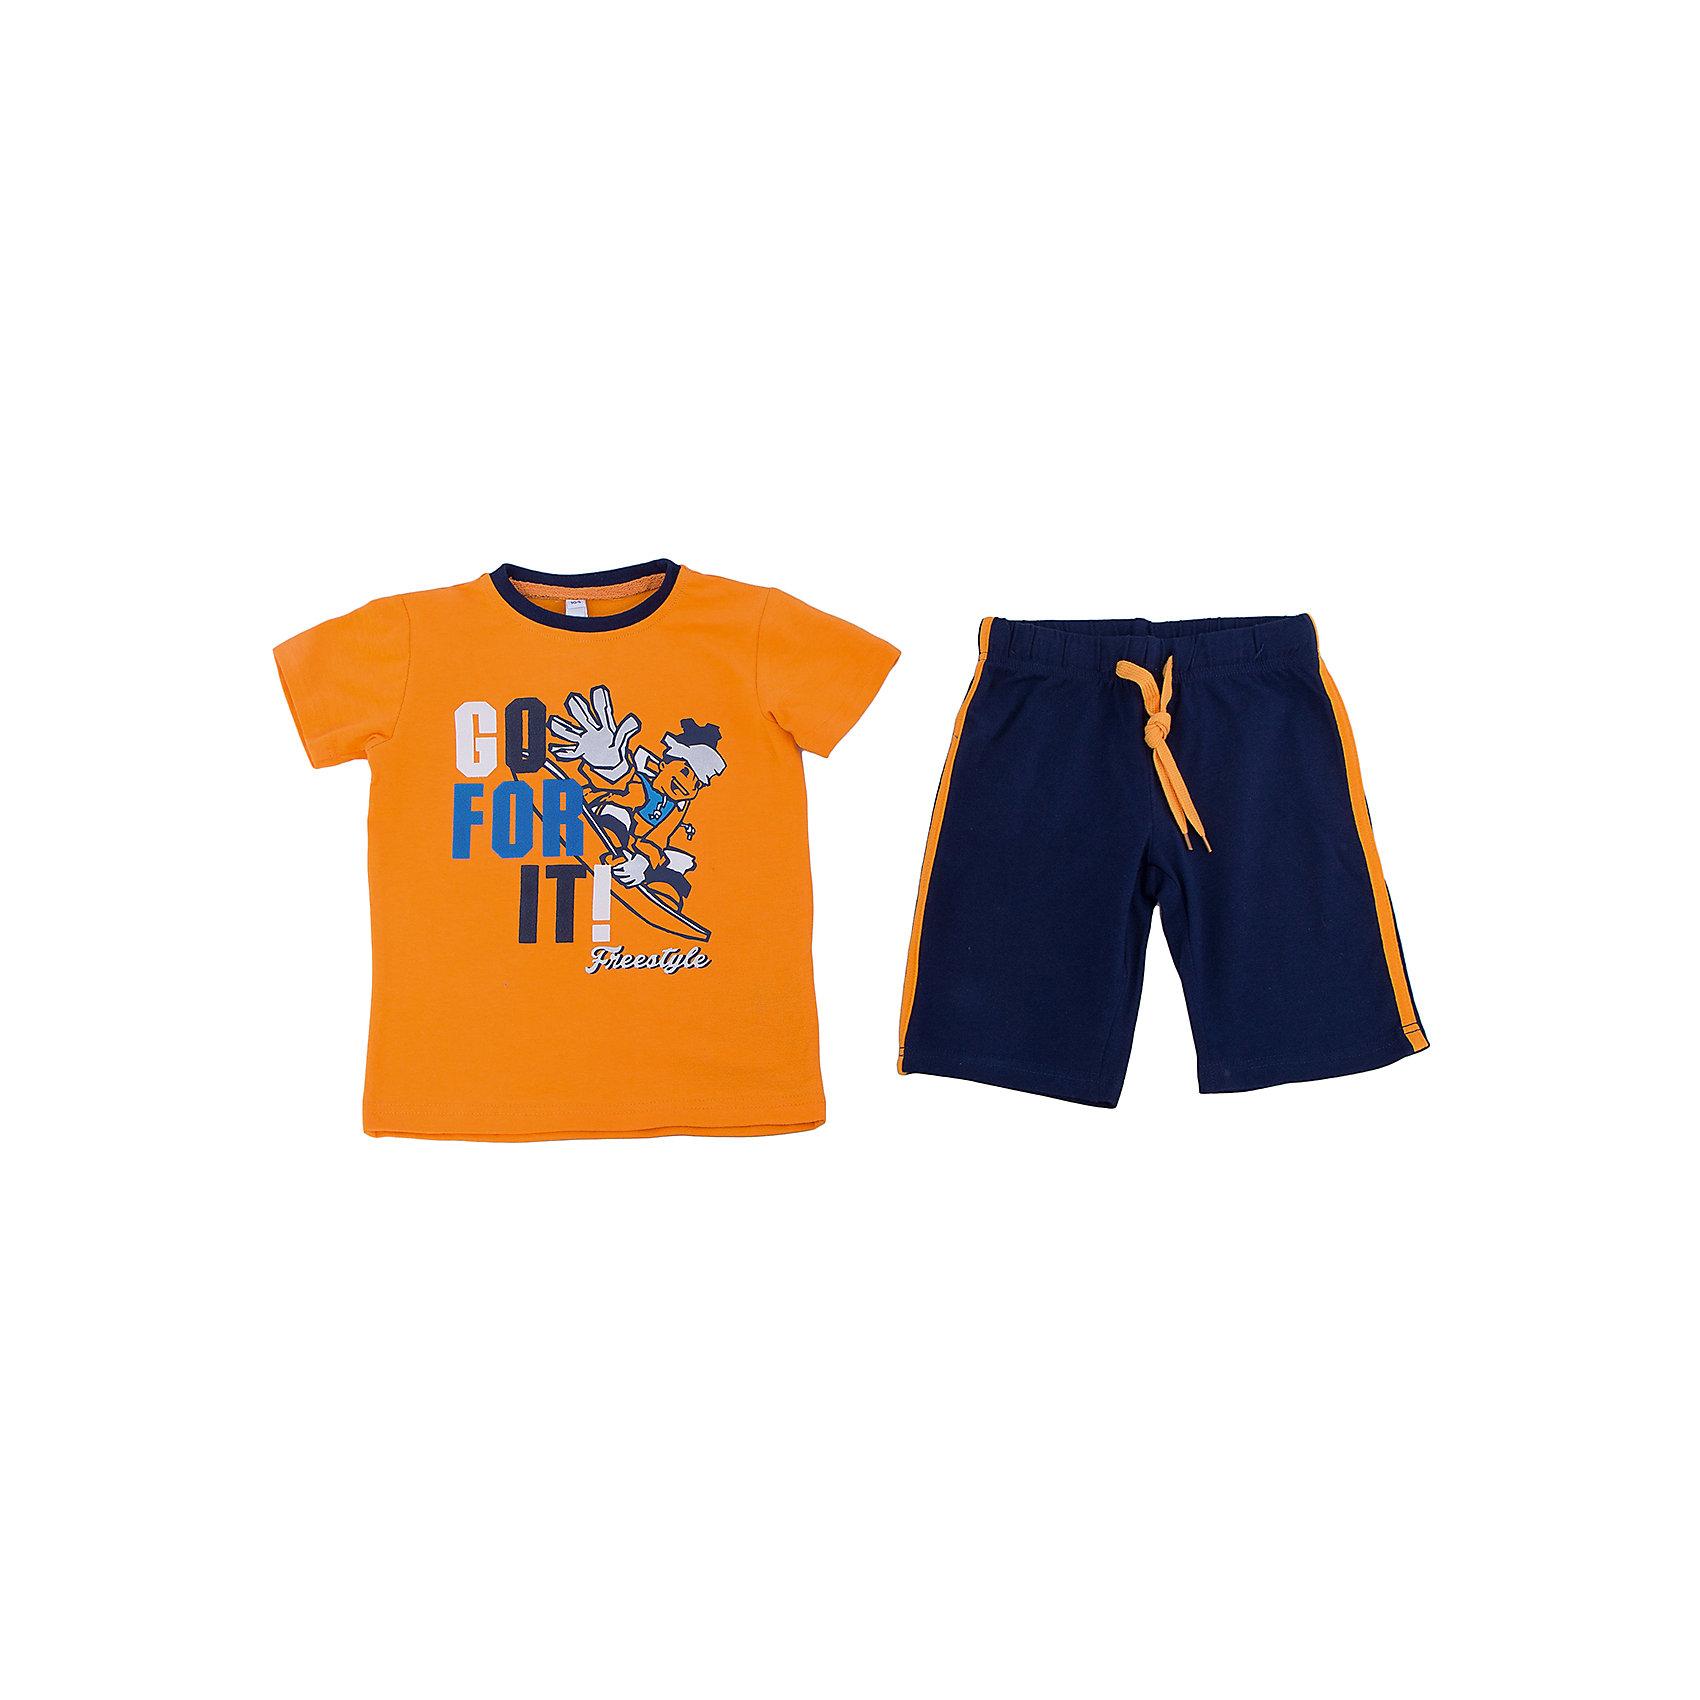 Комплект: футболка и шорты для мальчика PlayTodayКомплекты<br>Комплект: футболка и шорты для мальчика от известного бренда PlayToday.<br>Уютный хлопковый комплект из яркой футболки с короткими рукавами и шорт.<br>Футболка украшена комбинацией резинового, фольгированного и puff-принтов. На воротнике контрастная трикотажная резинка. <br>Пояс шорт на резинке, дополнительно регулируется яркой апельсиновой тесьмой. По бокам лампасы в тон футболке.<br>Состав:<br>95% хлопок, 5% эластан<br><br>Ширина мм: 191<br>Глубина мм: 10<br>Высота мм: 175<br>Вес г: 273<br>Цвет: белый<br>Возраст от месяцев: 72<br>Возраст до месяцев: 84<br>Пол: Мужской<br>Возраст: Детский<br>Размер: 122,128,98,104,110,116<br>SKU: 4897863